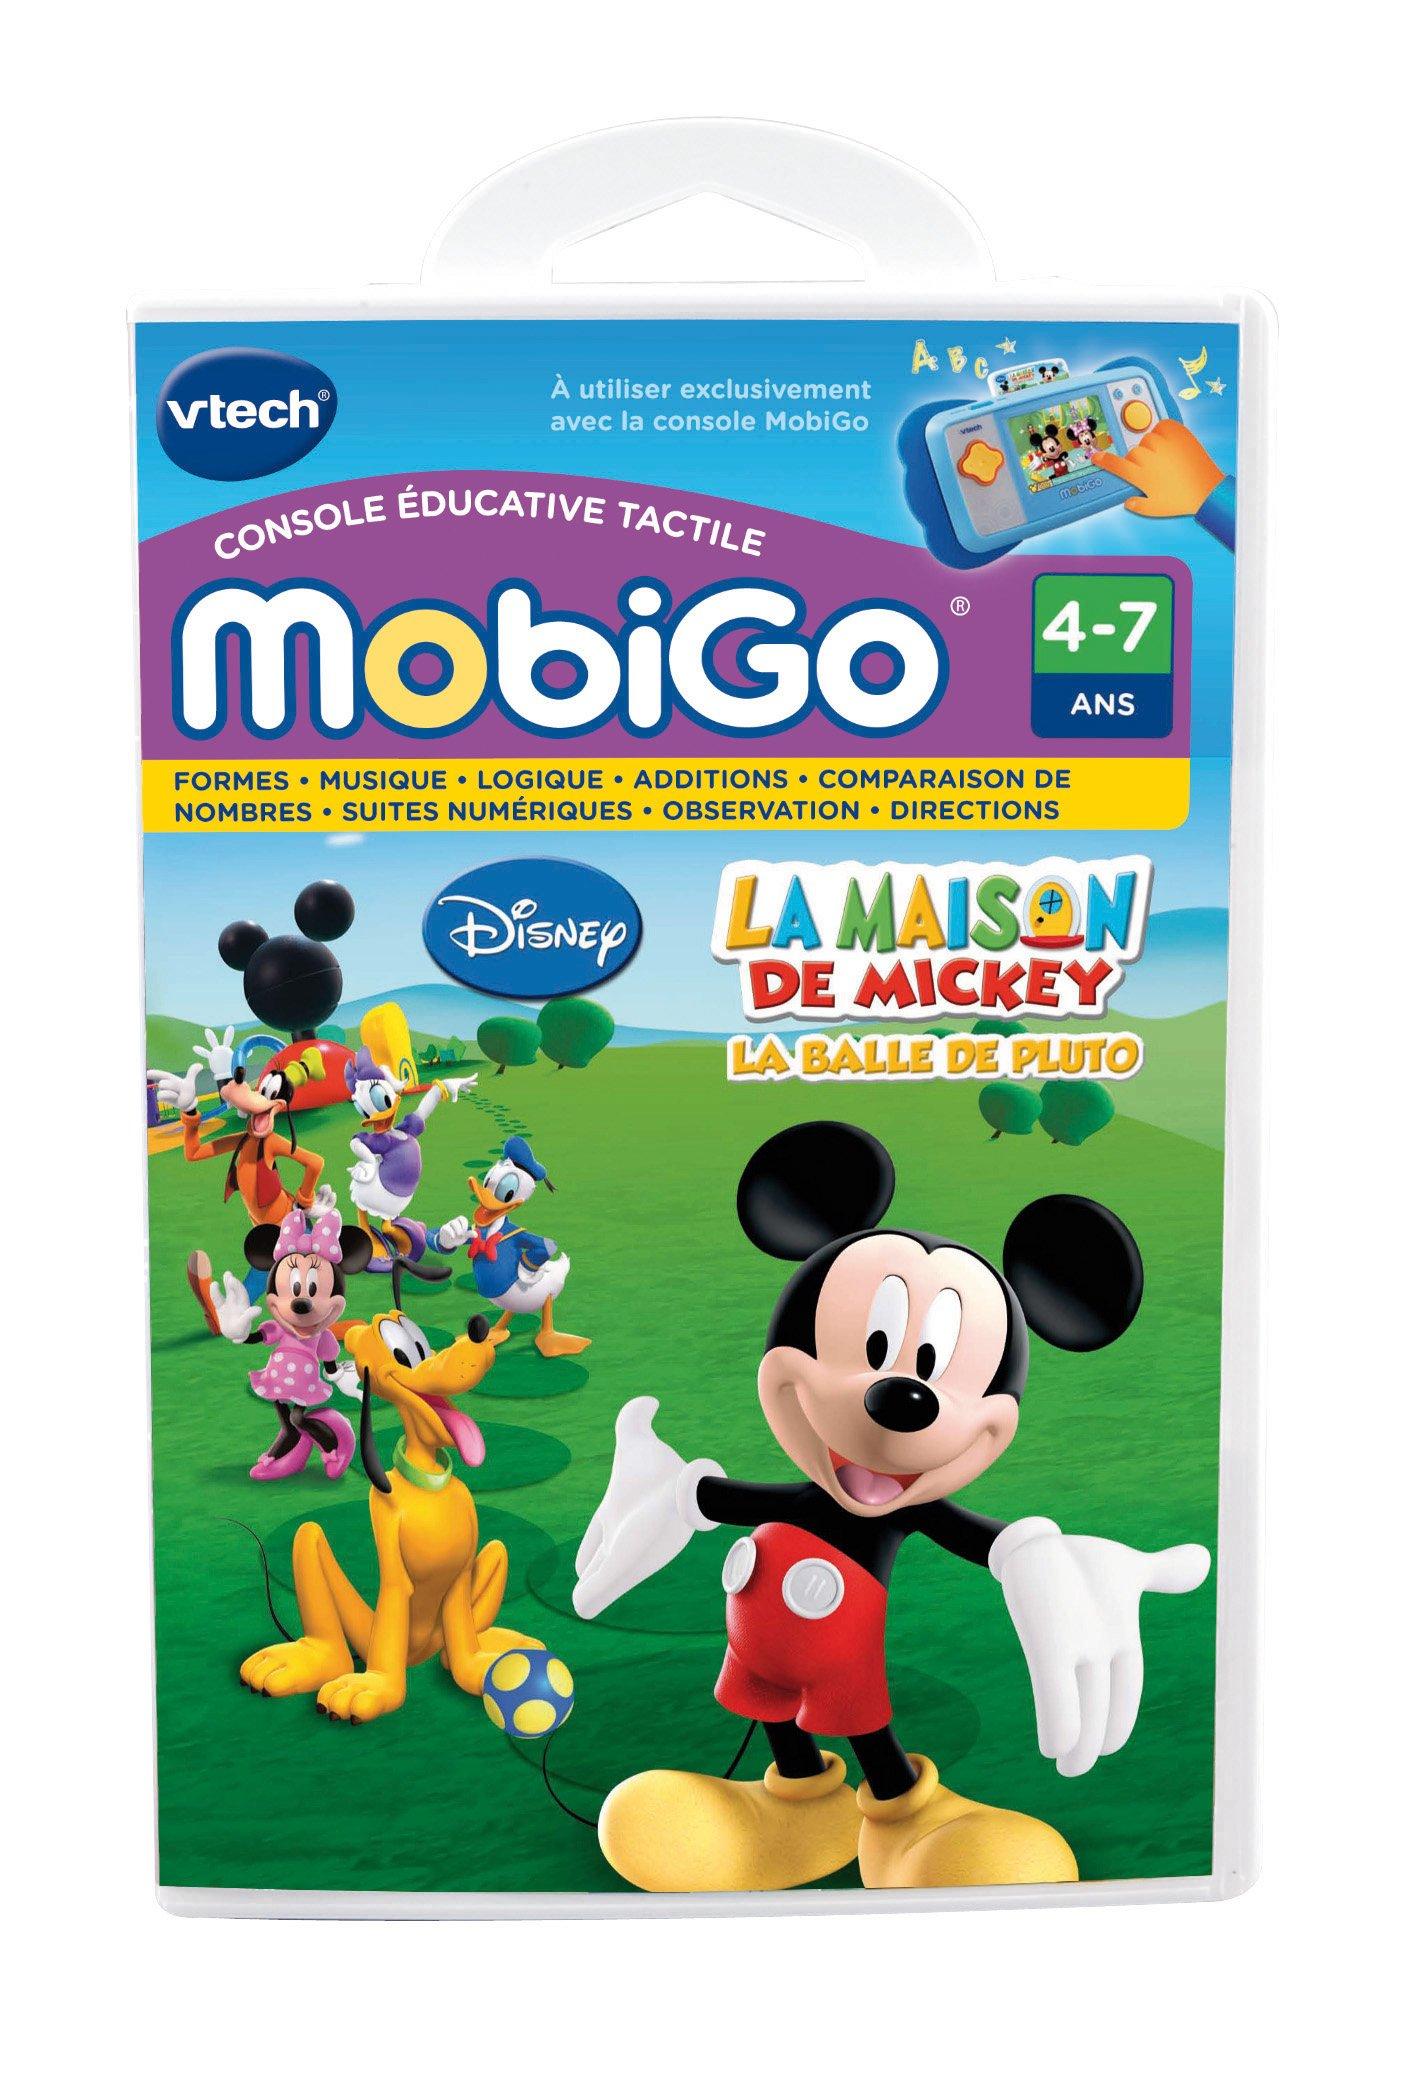 VTech - 250505 - Jeu Éducatif Électronique - Jeu Mobigo - La Maison de Mickey product image